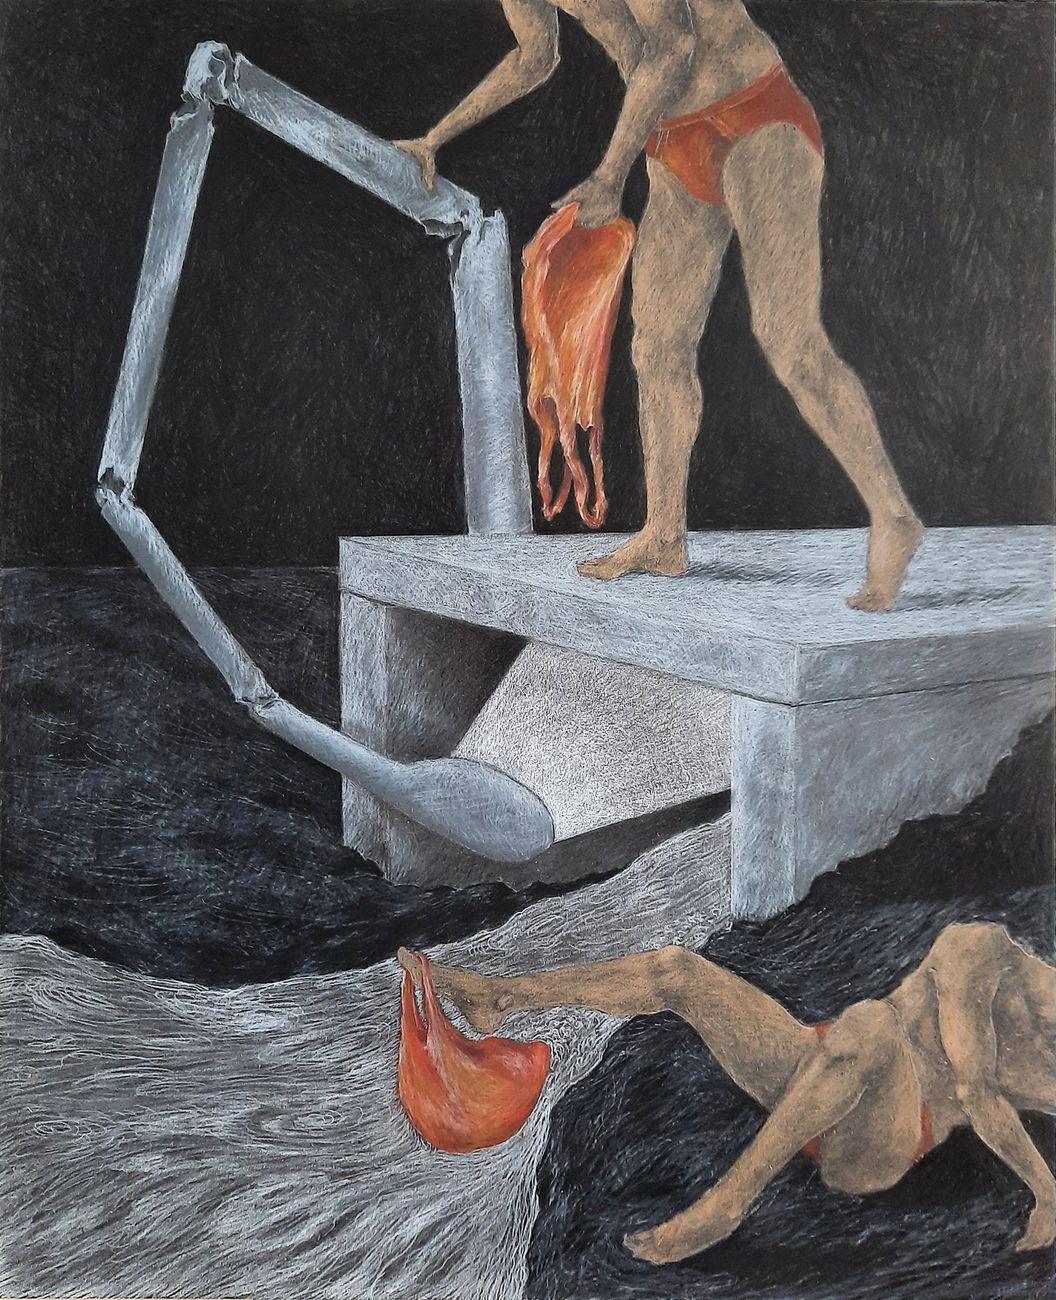 Andrea Respino, L'orinatoio lunare II, 2021, pastello su tavola, 50 x 40 cm